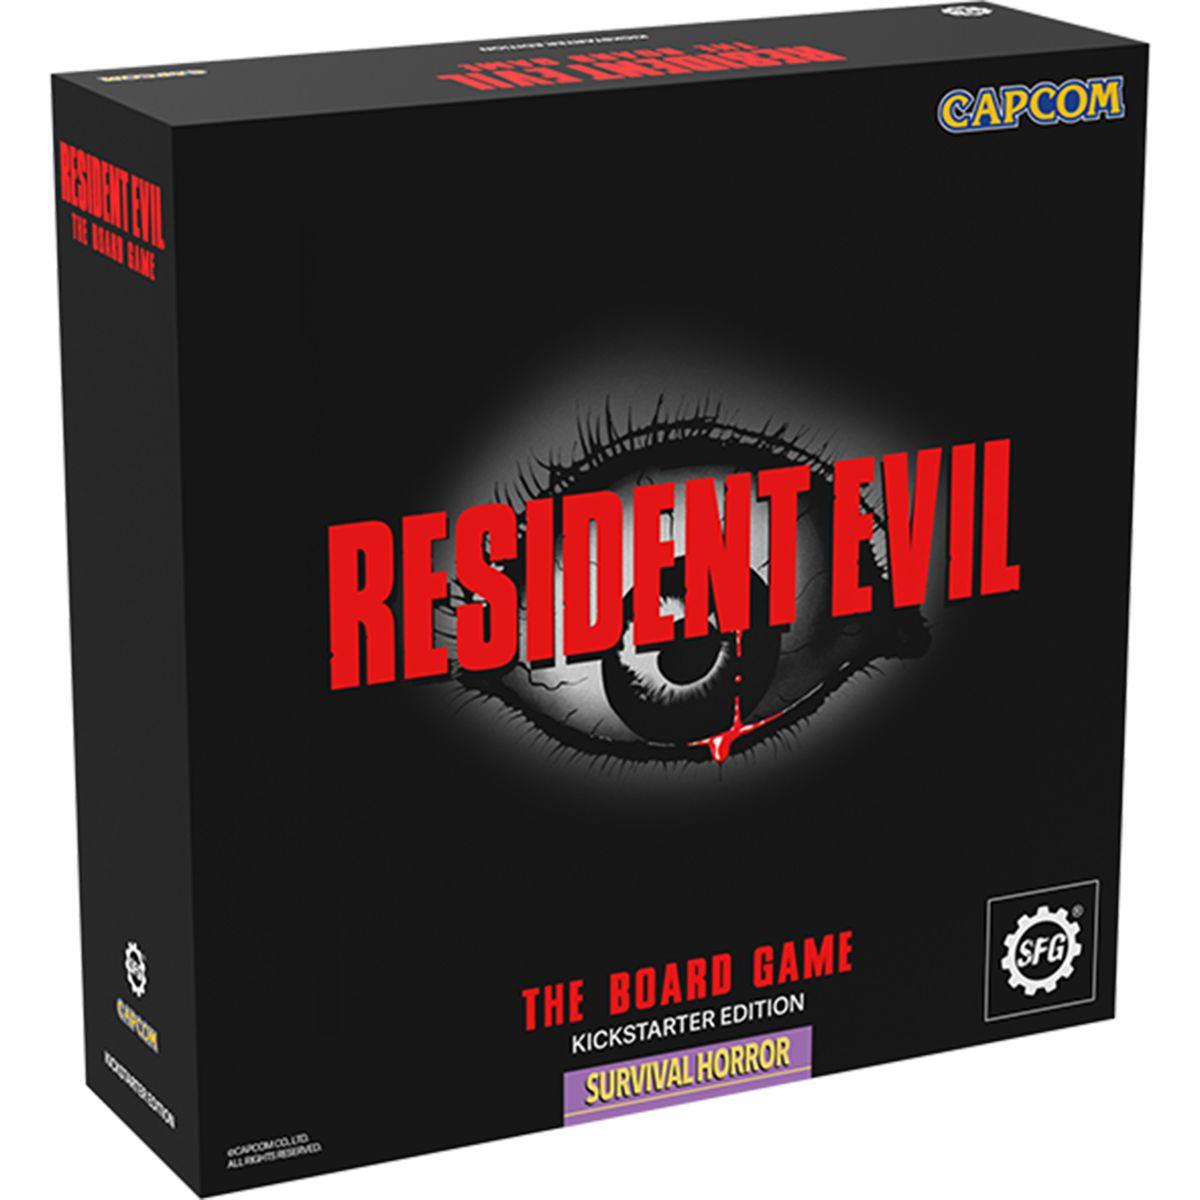 Sample art for Resident Evil: The Board Game's Kickstarter Edition box.